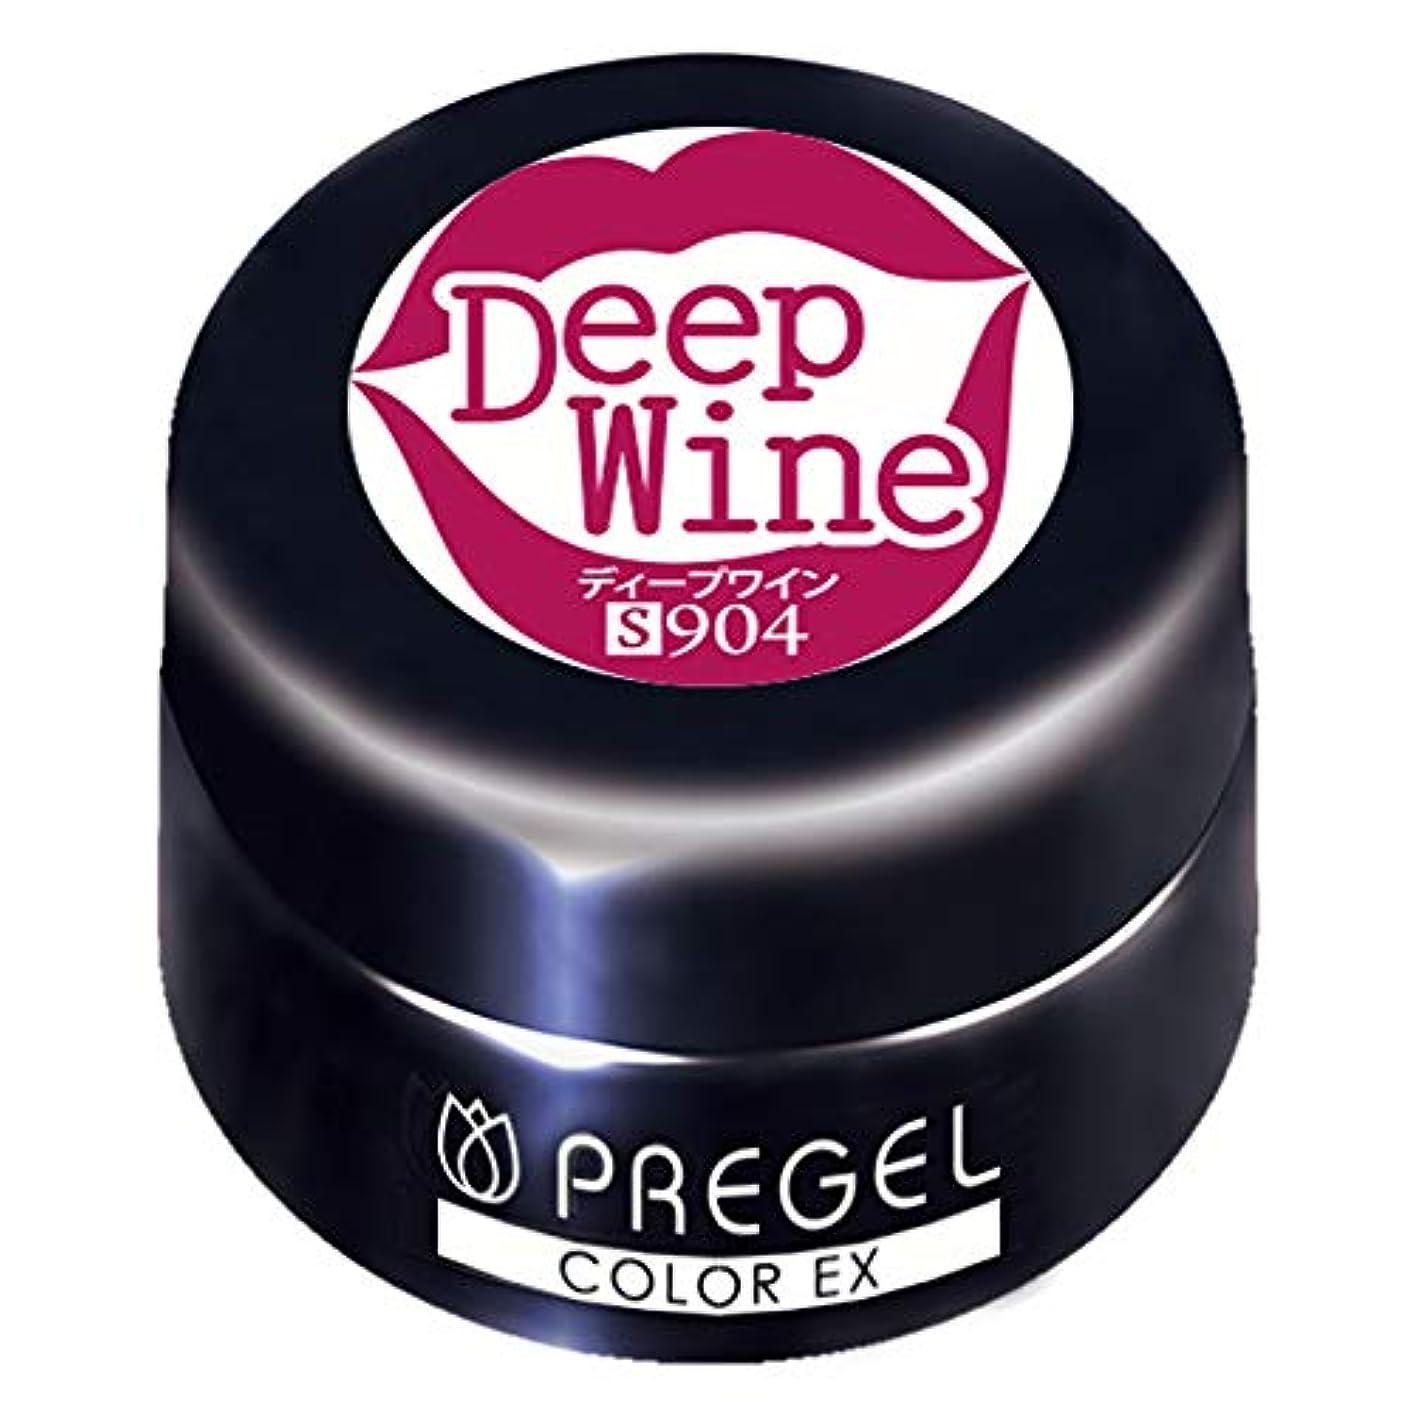 夕方リクルート個人的なPRE GEL カラーEX ディープワイン 3g PG-CE904